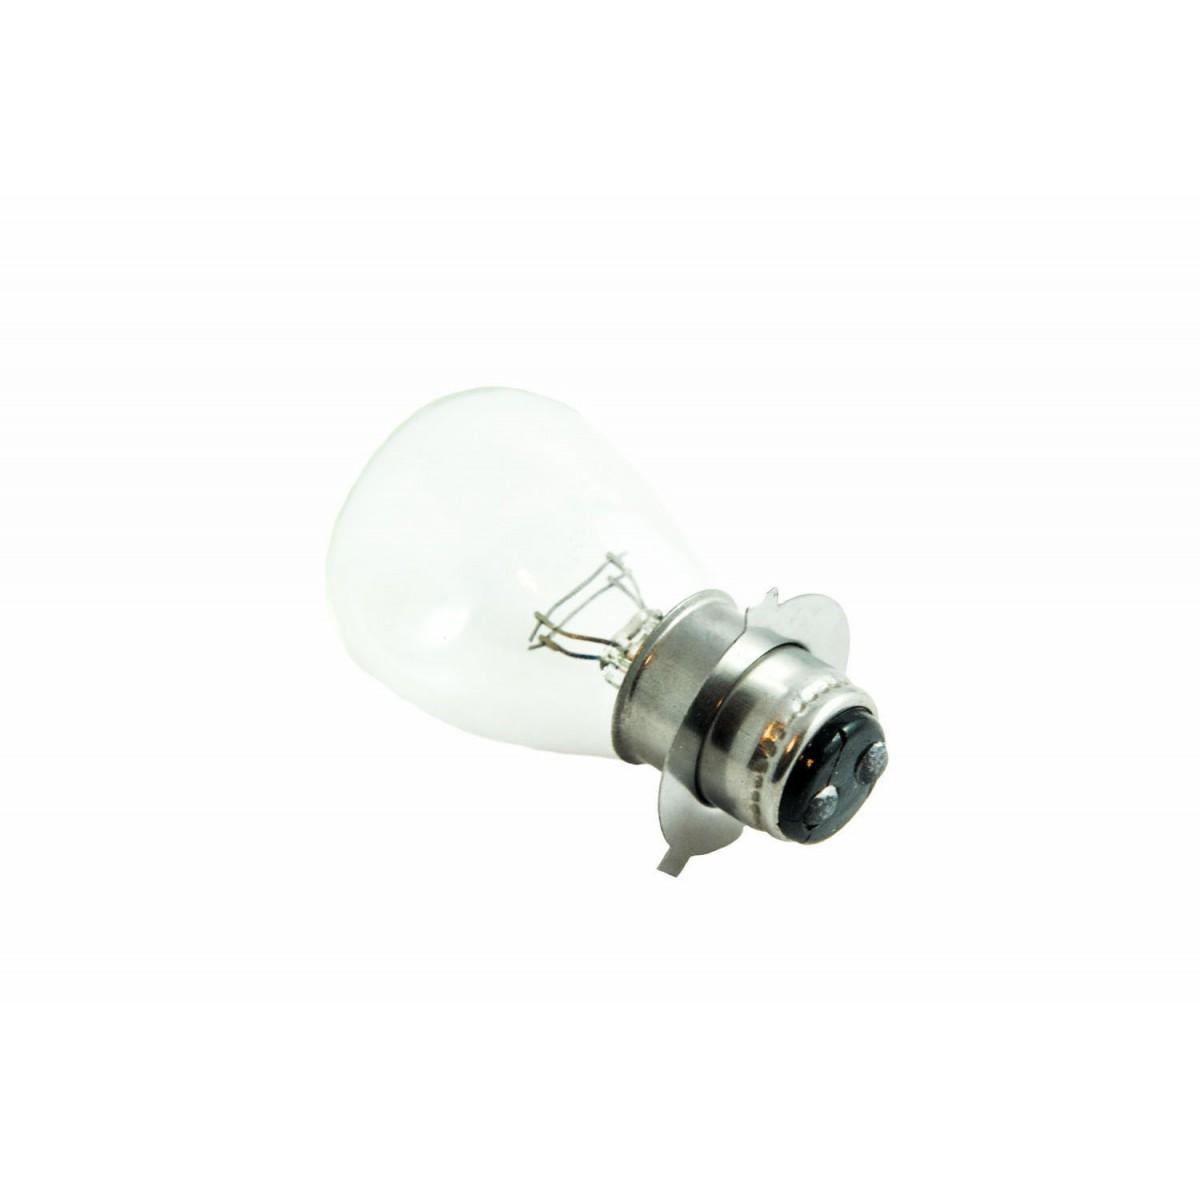 Bulb 12V 35W, RP30 P15 D25-30